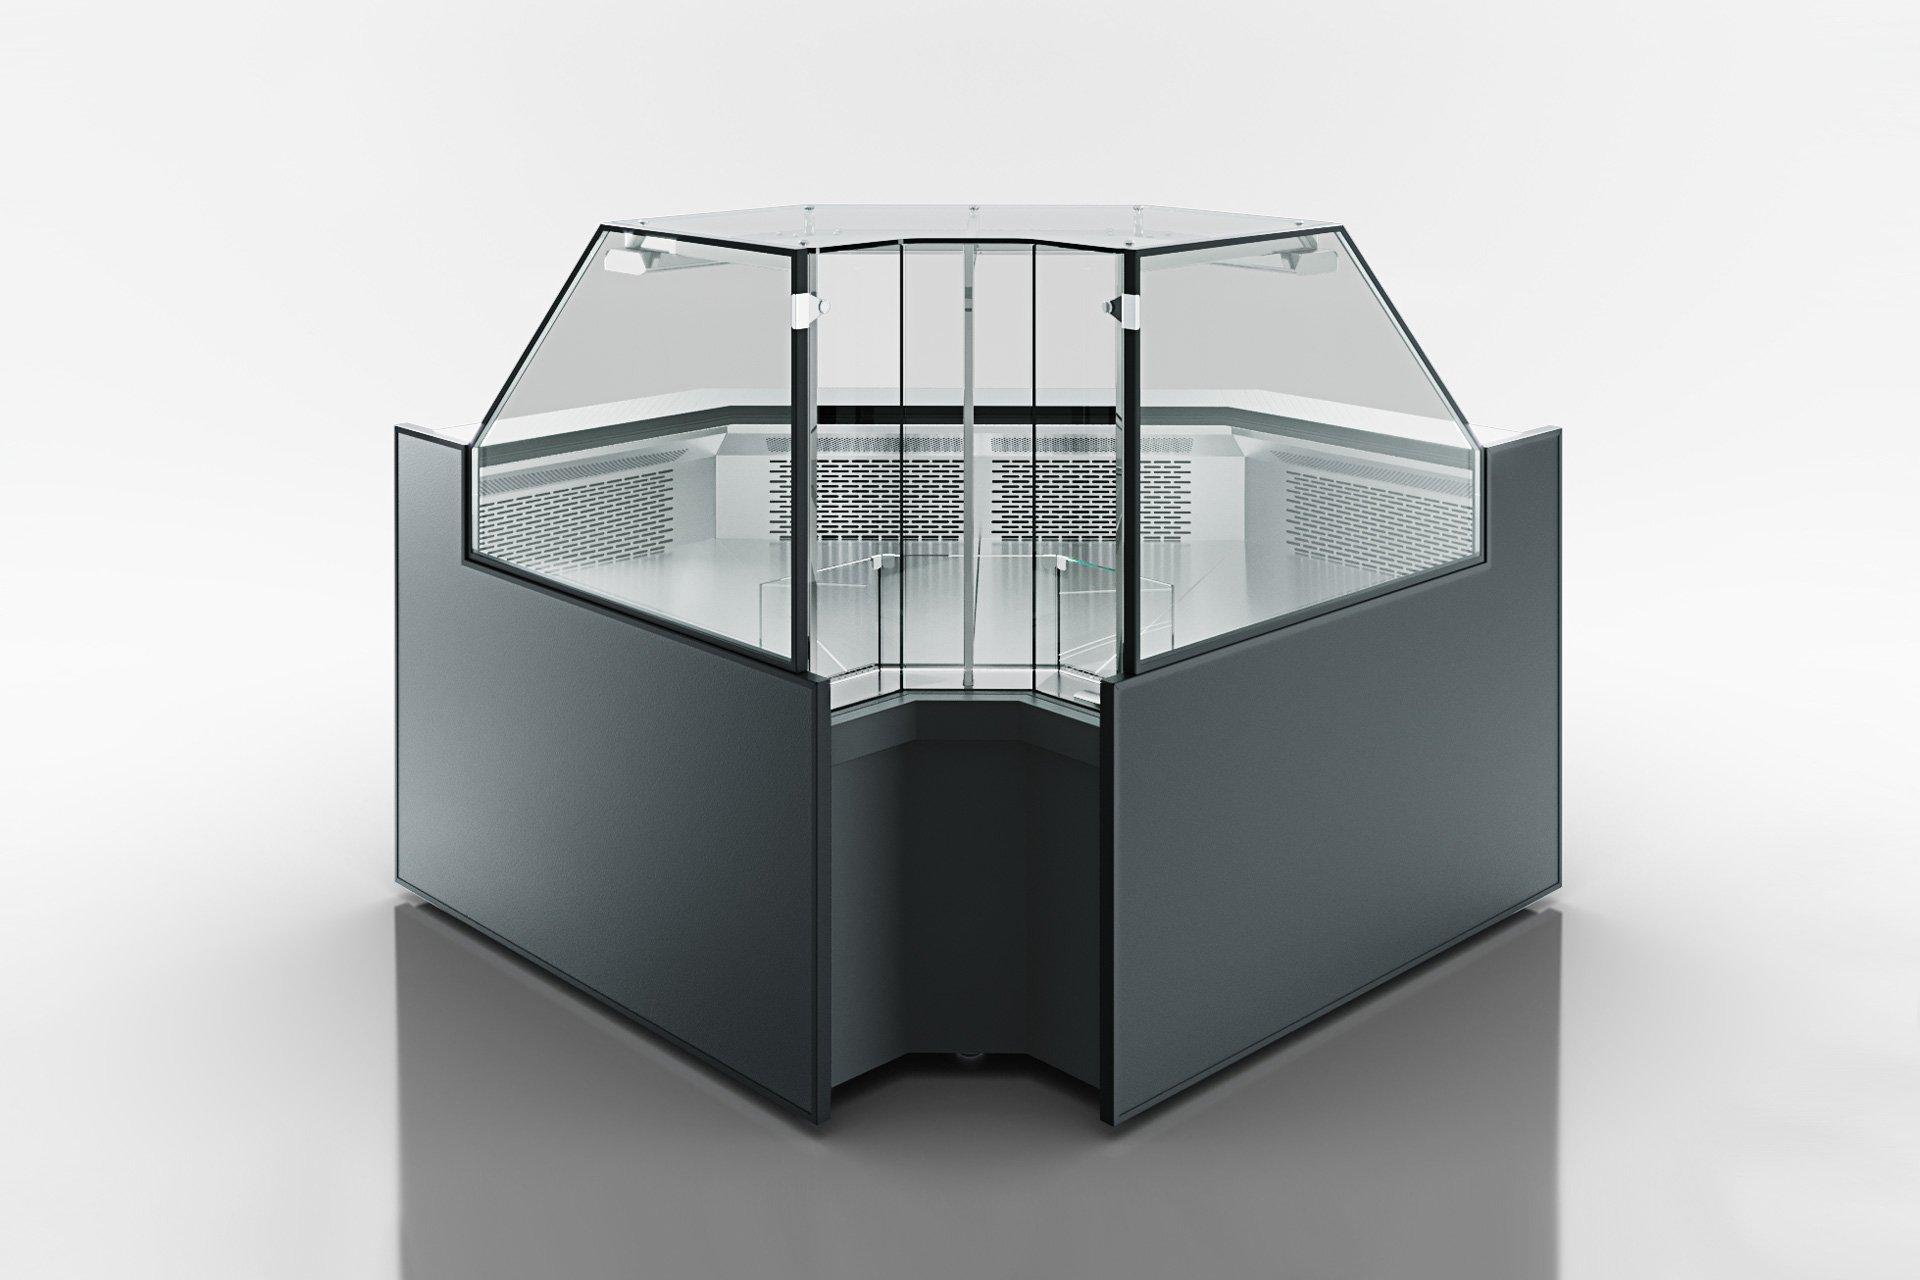 Eckelemente der Kühlfenstern Missouri MC 120 deli PP 130-DLM-IS90